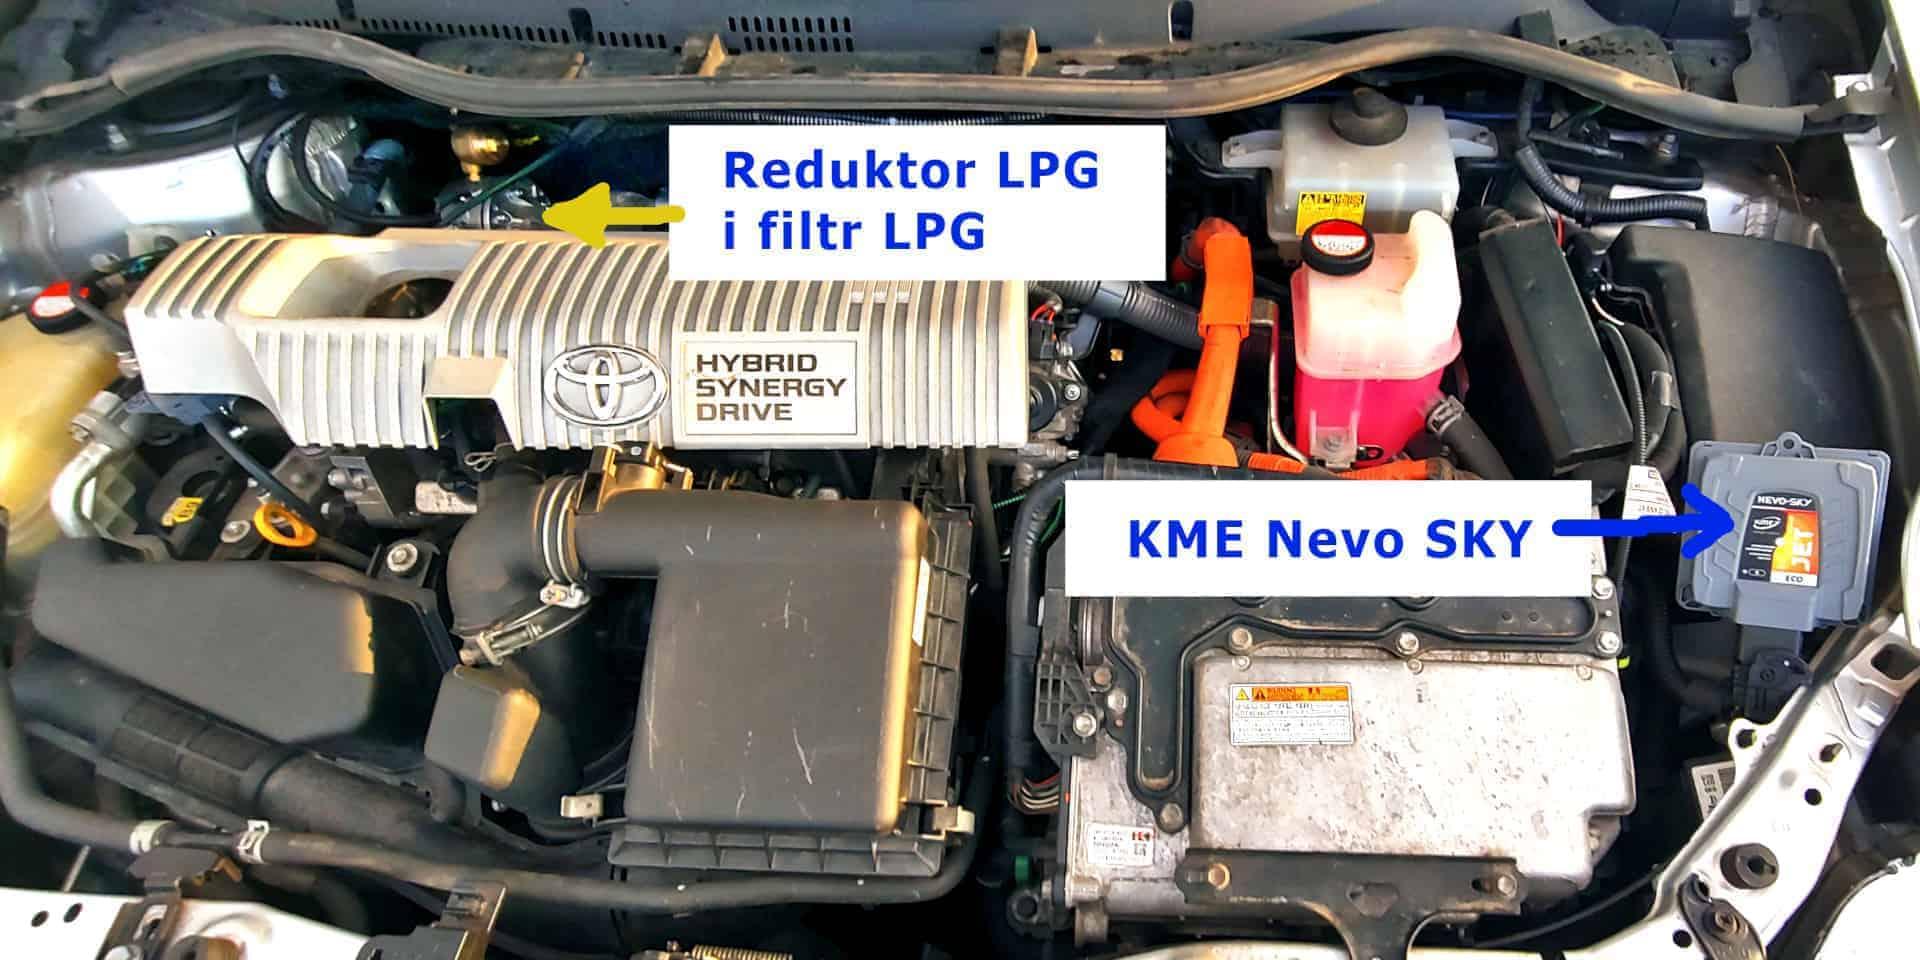 KME Nevo SKY Jet ECO sterownik LPG